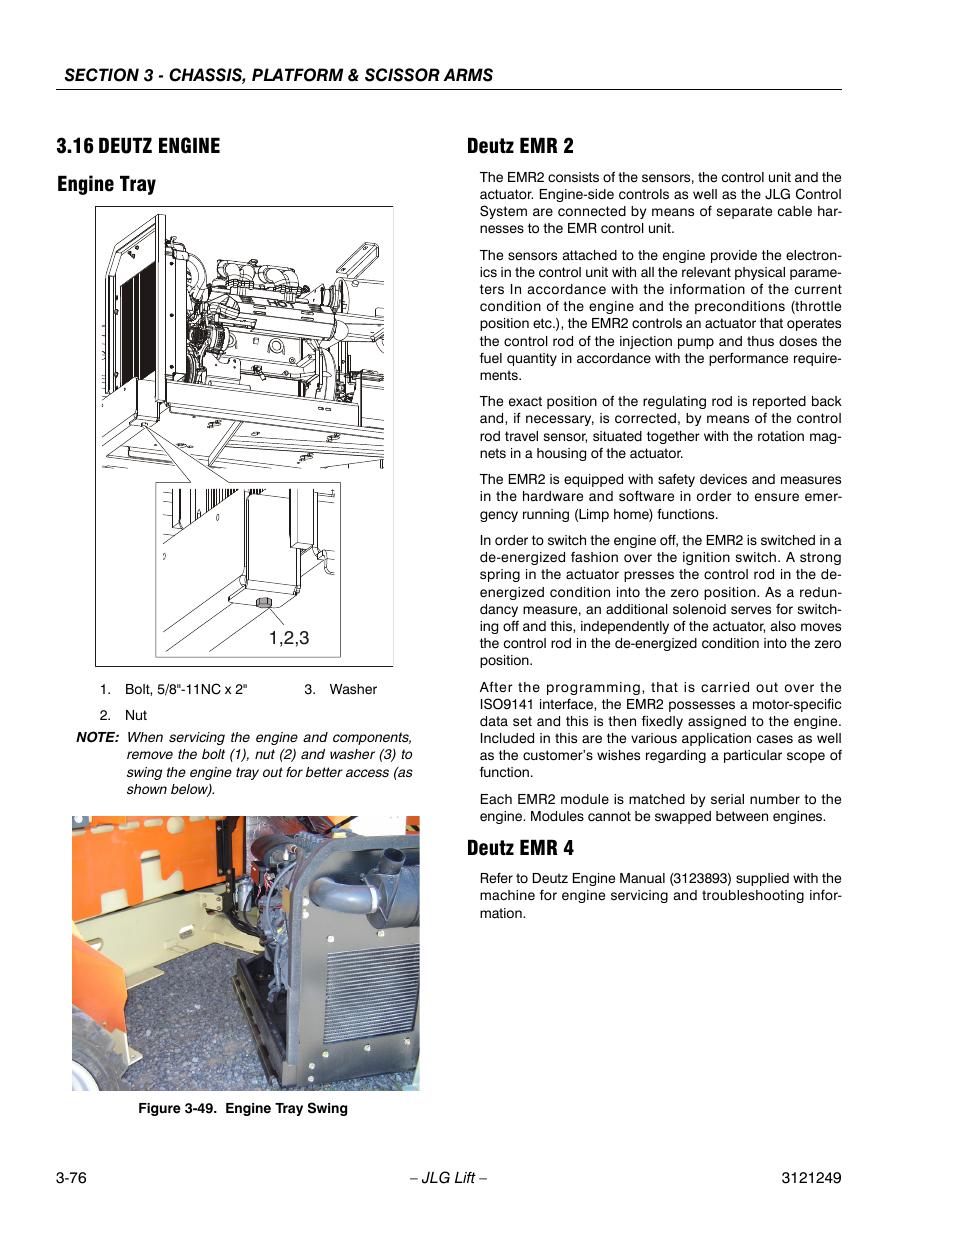 16 deutz engine engine tray deutz emr 2 jlg 4394rt service rh manualsdir com Deutz Tractors Deutz Diesel Engine Service Manuals